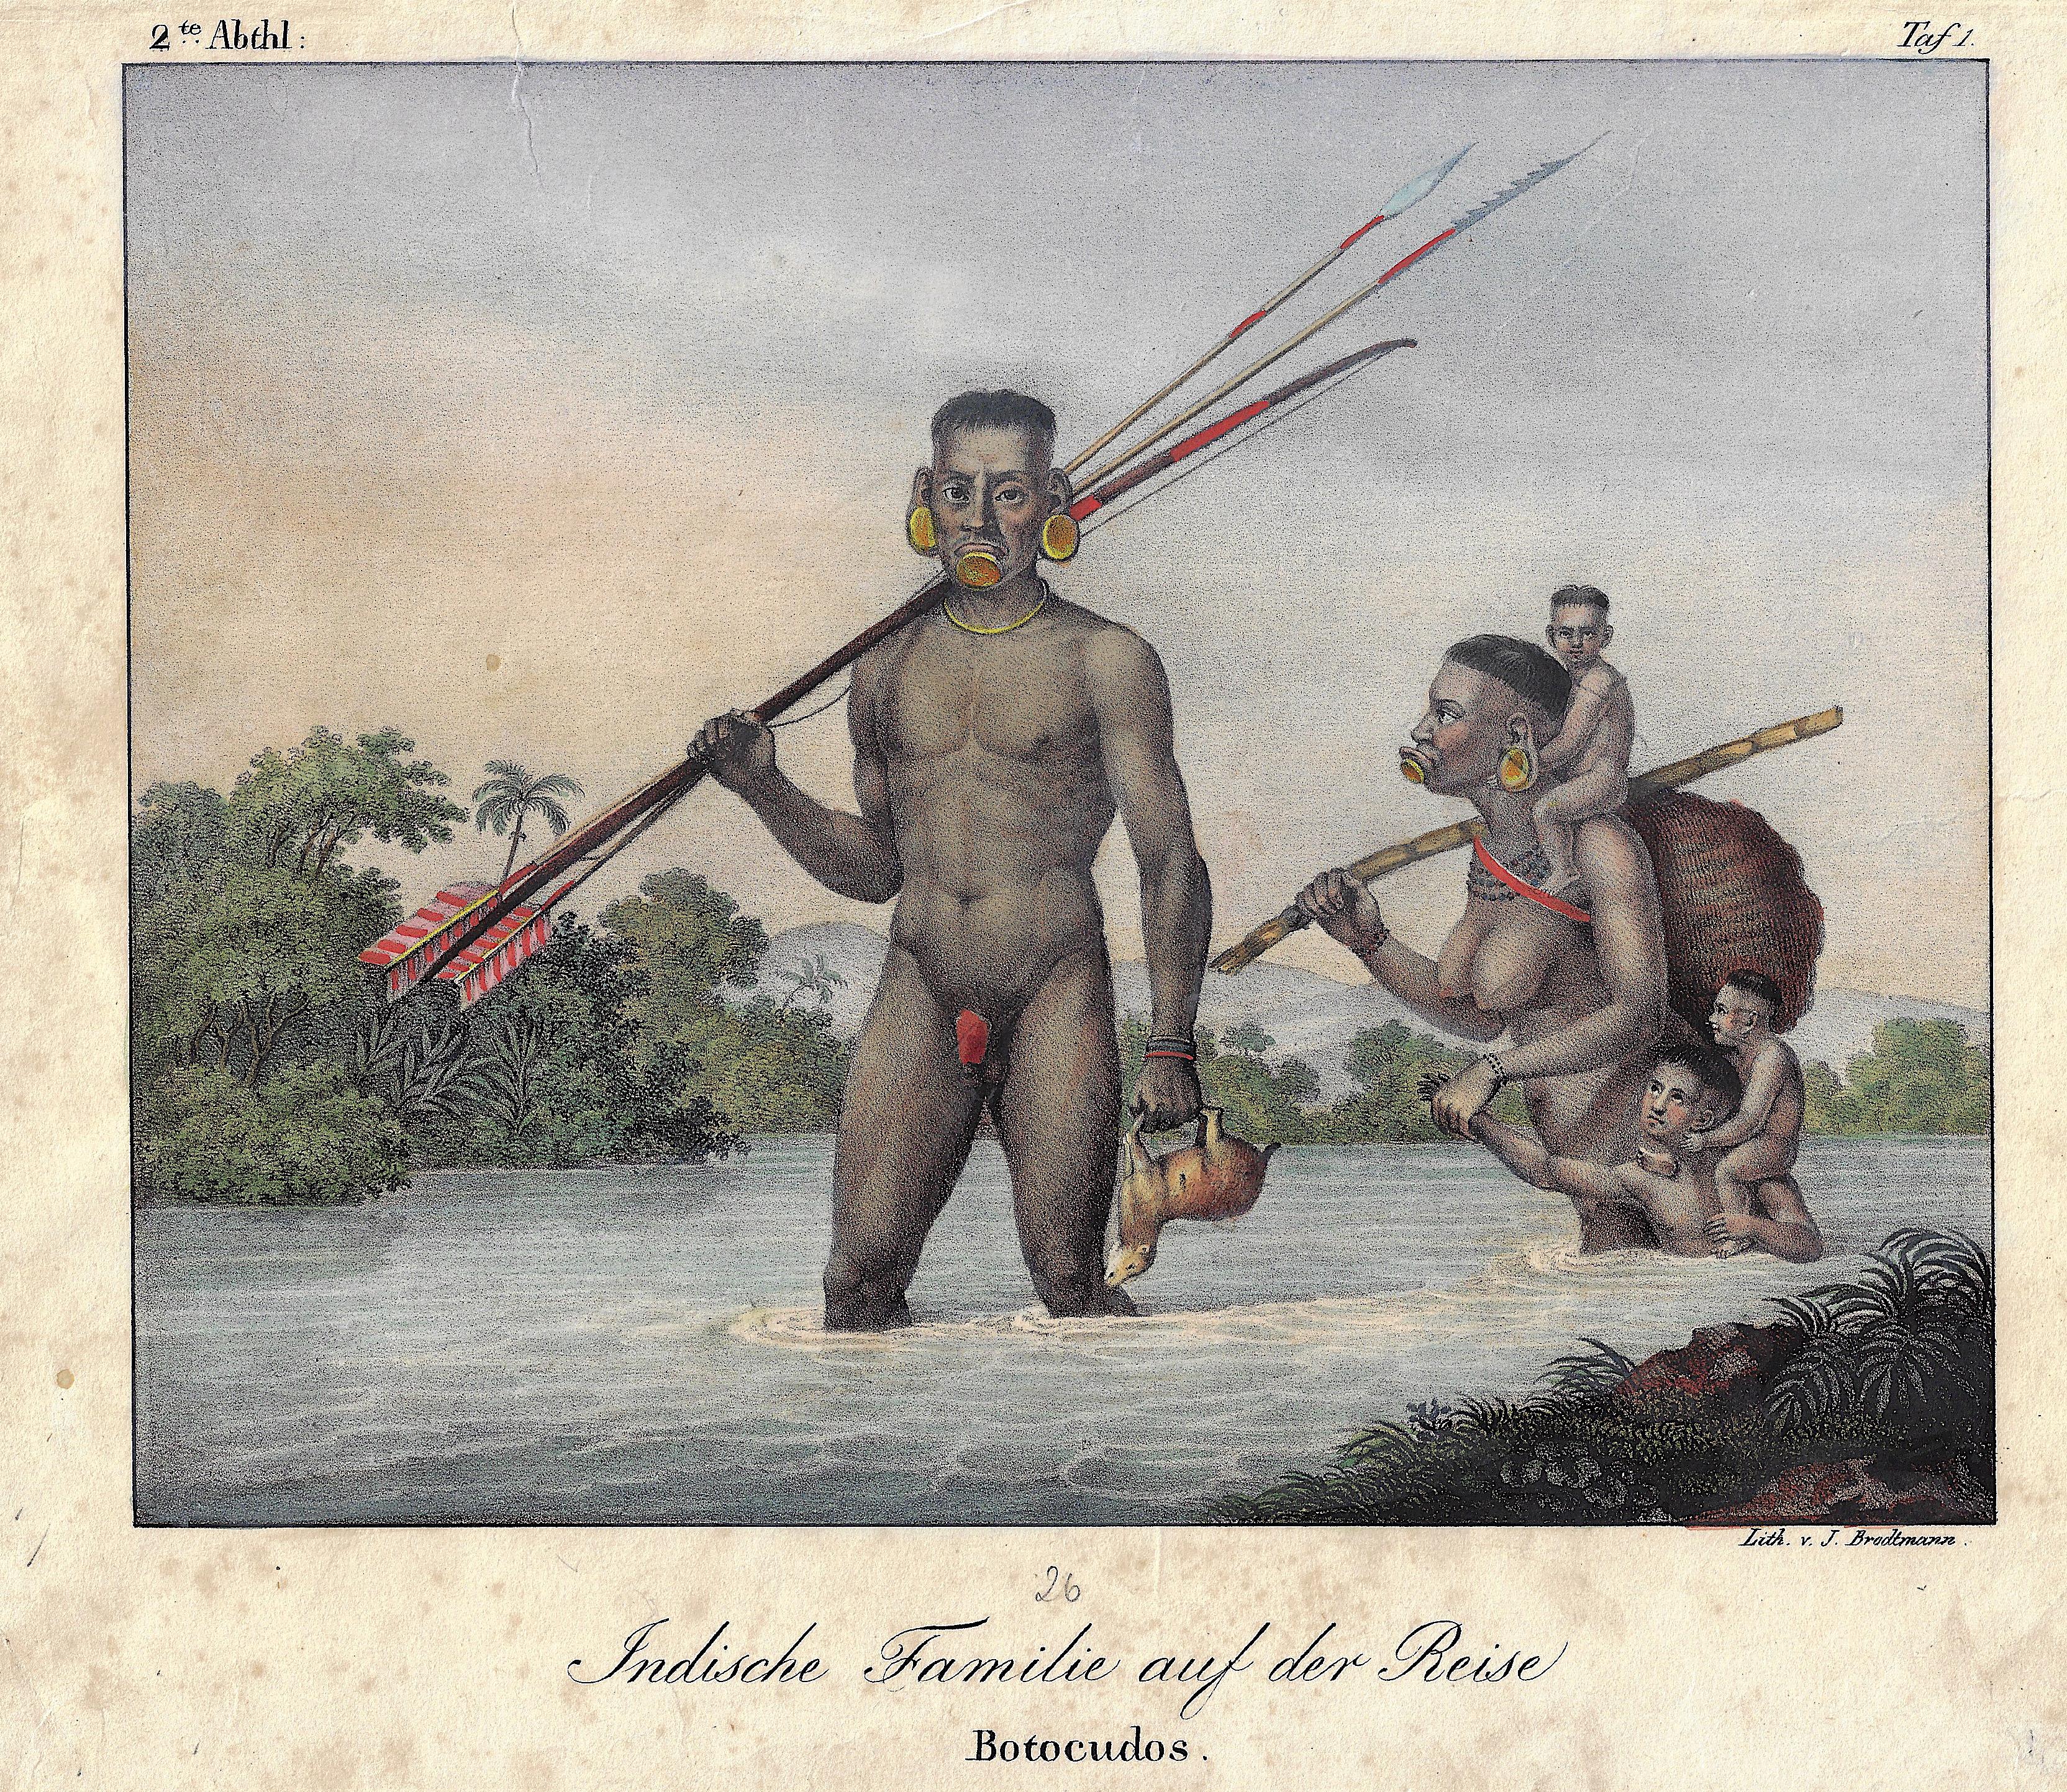 Brodtmann Karl Joseph Indische Familie auf der Reise / Botocudos.